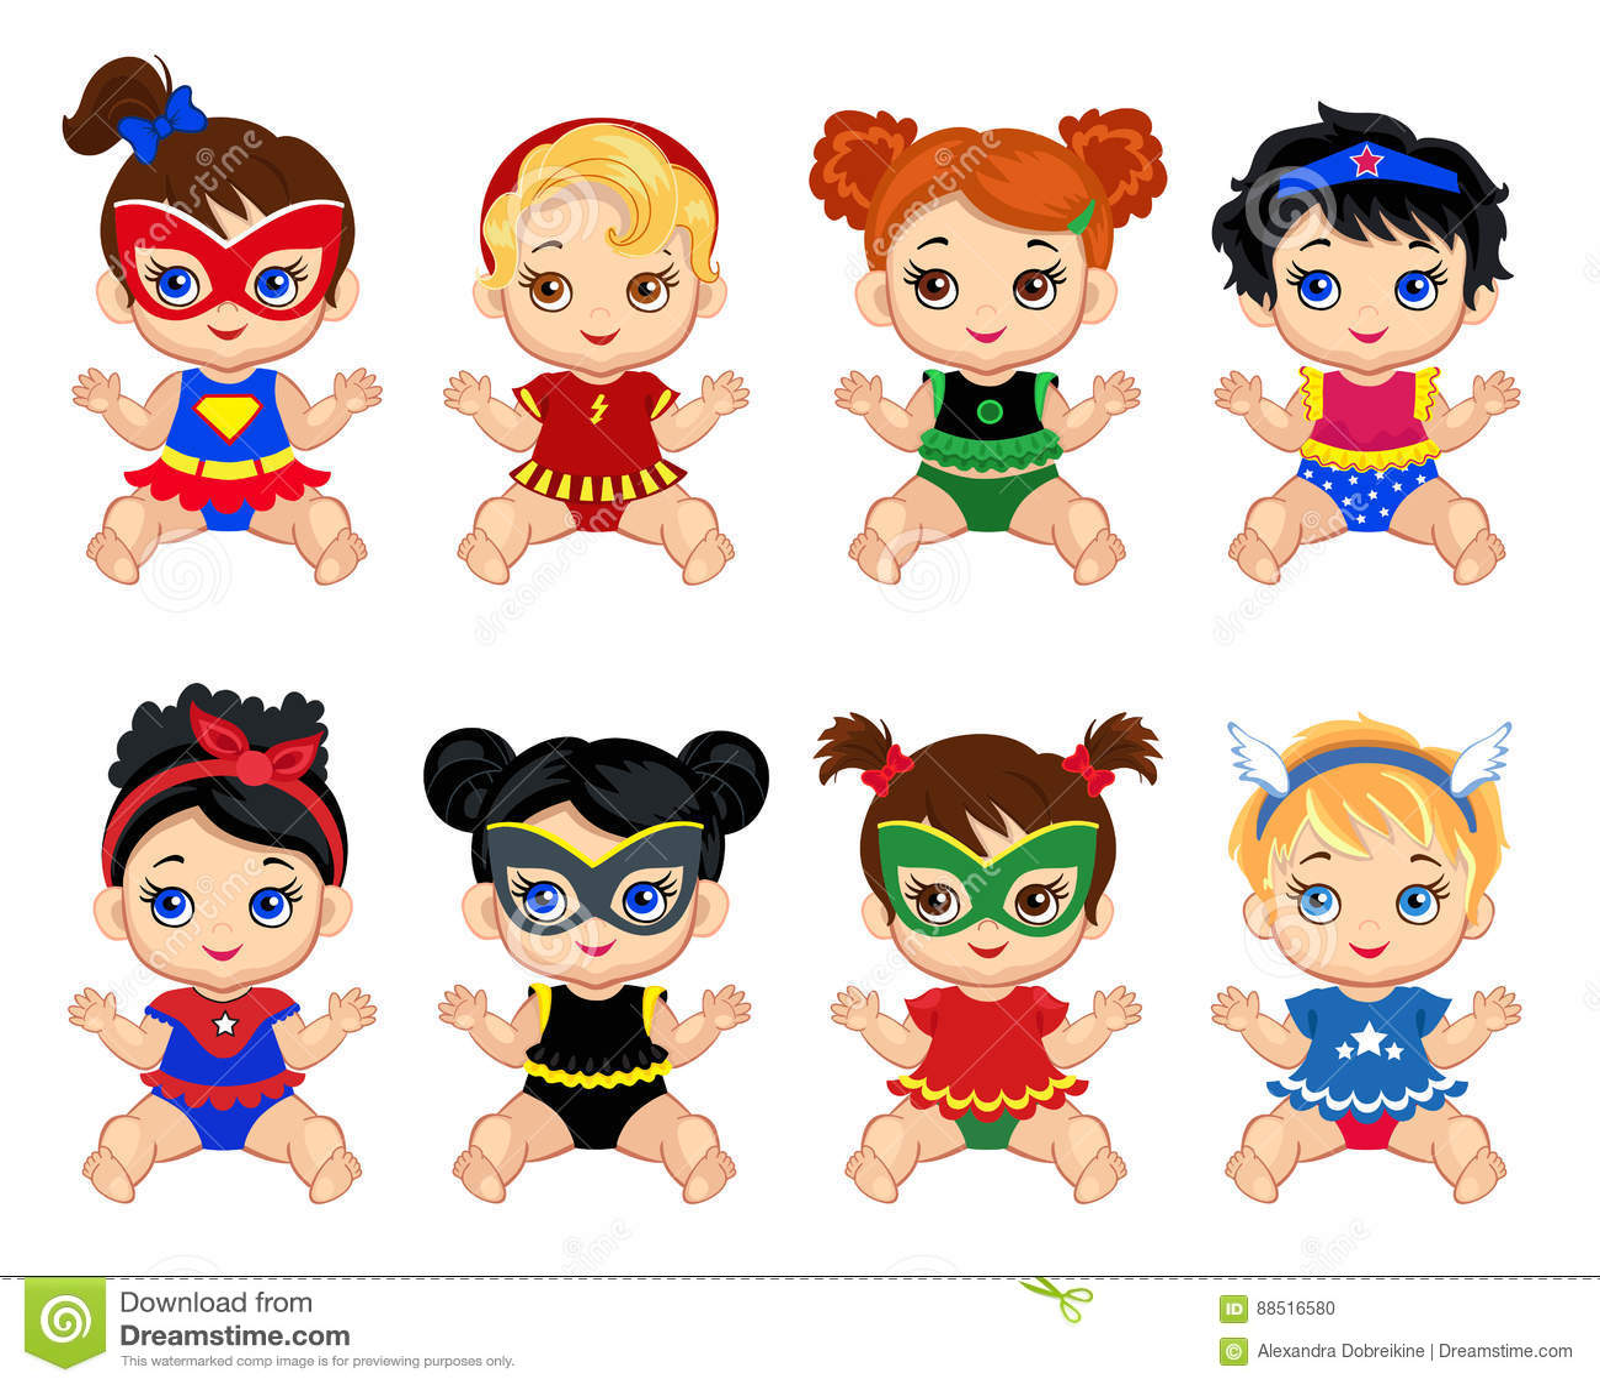 Groupe d illustration de filles de bébés mignonnes dans des costumes des super héros